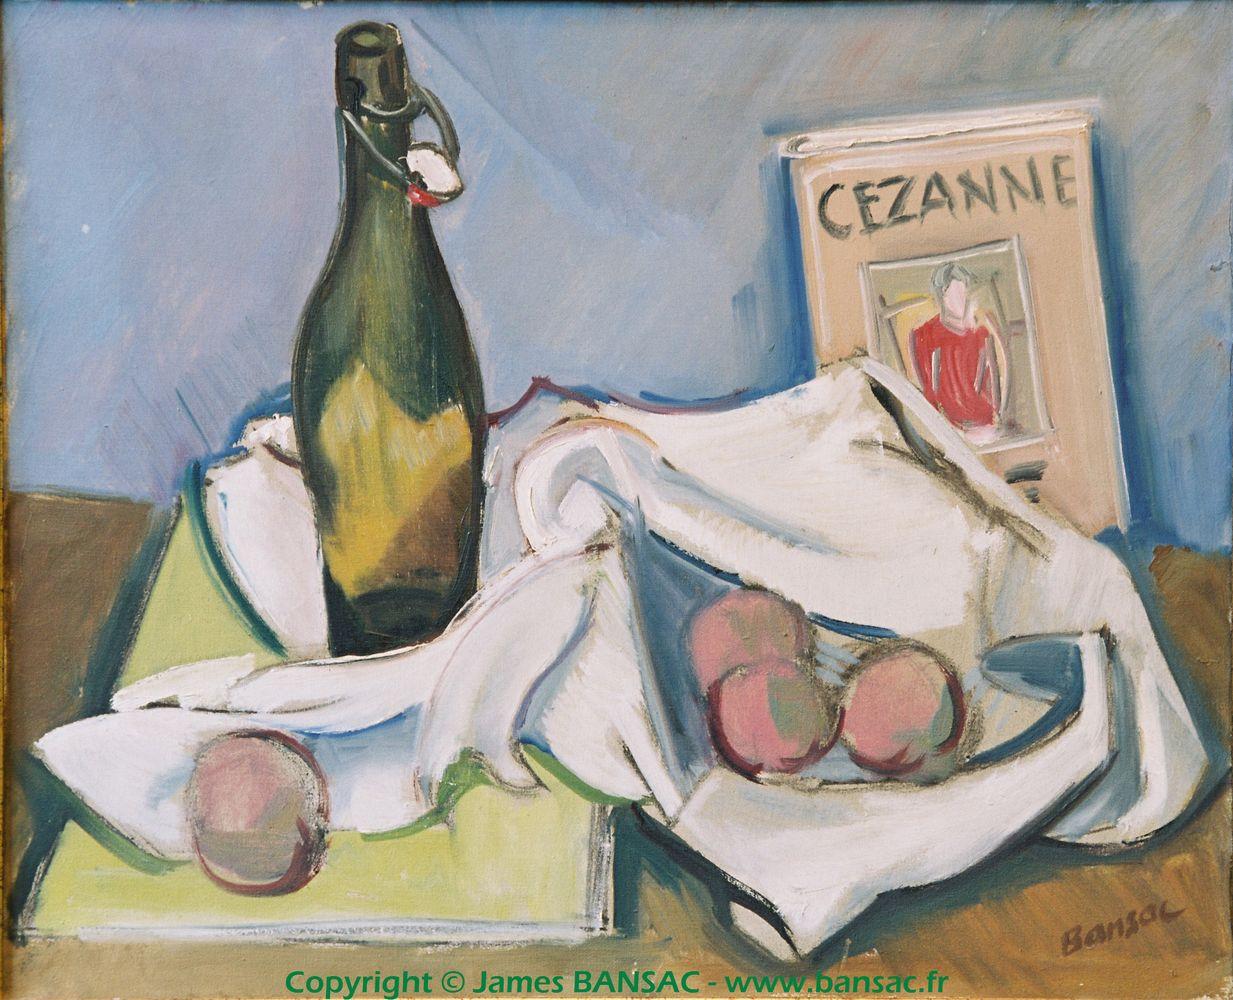 Hommage à Cézanne - 1948